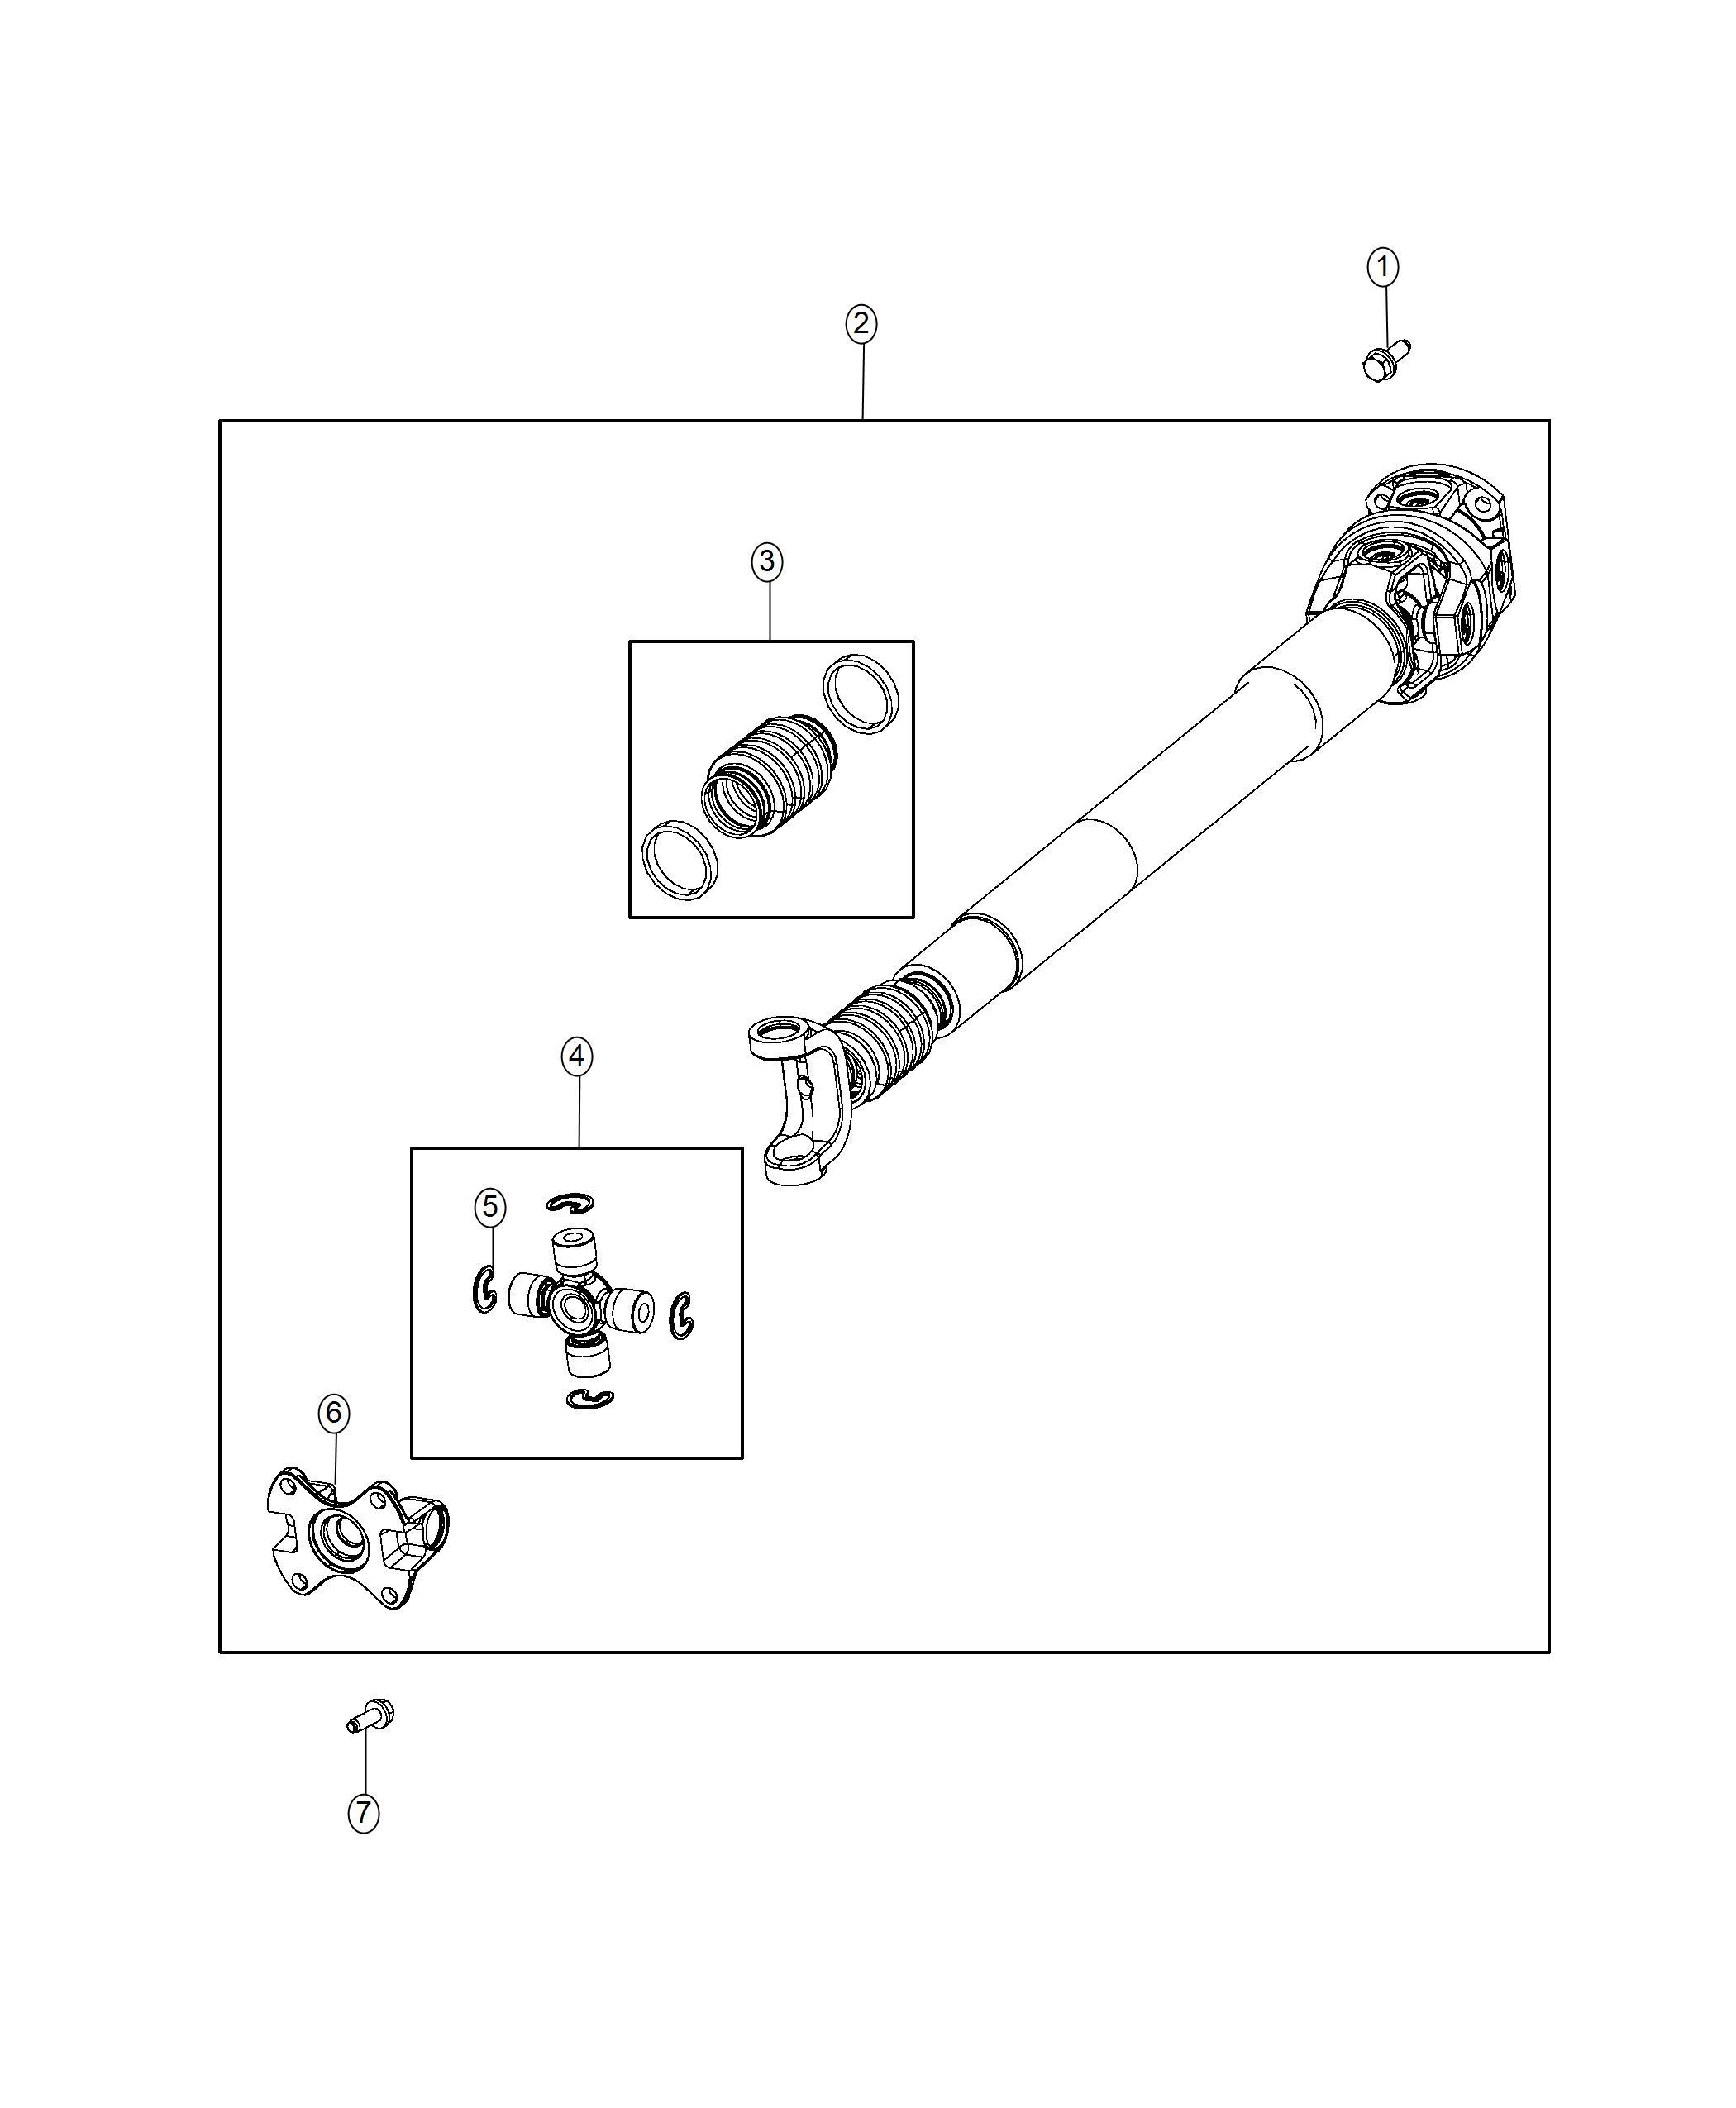 Ram Shaft Drive Front Flat Flange Transmission